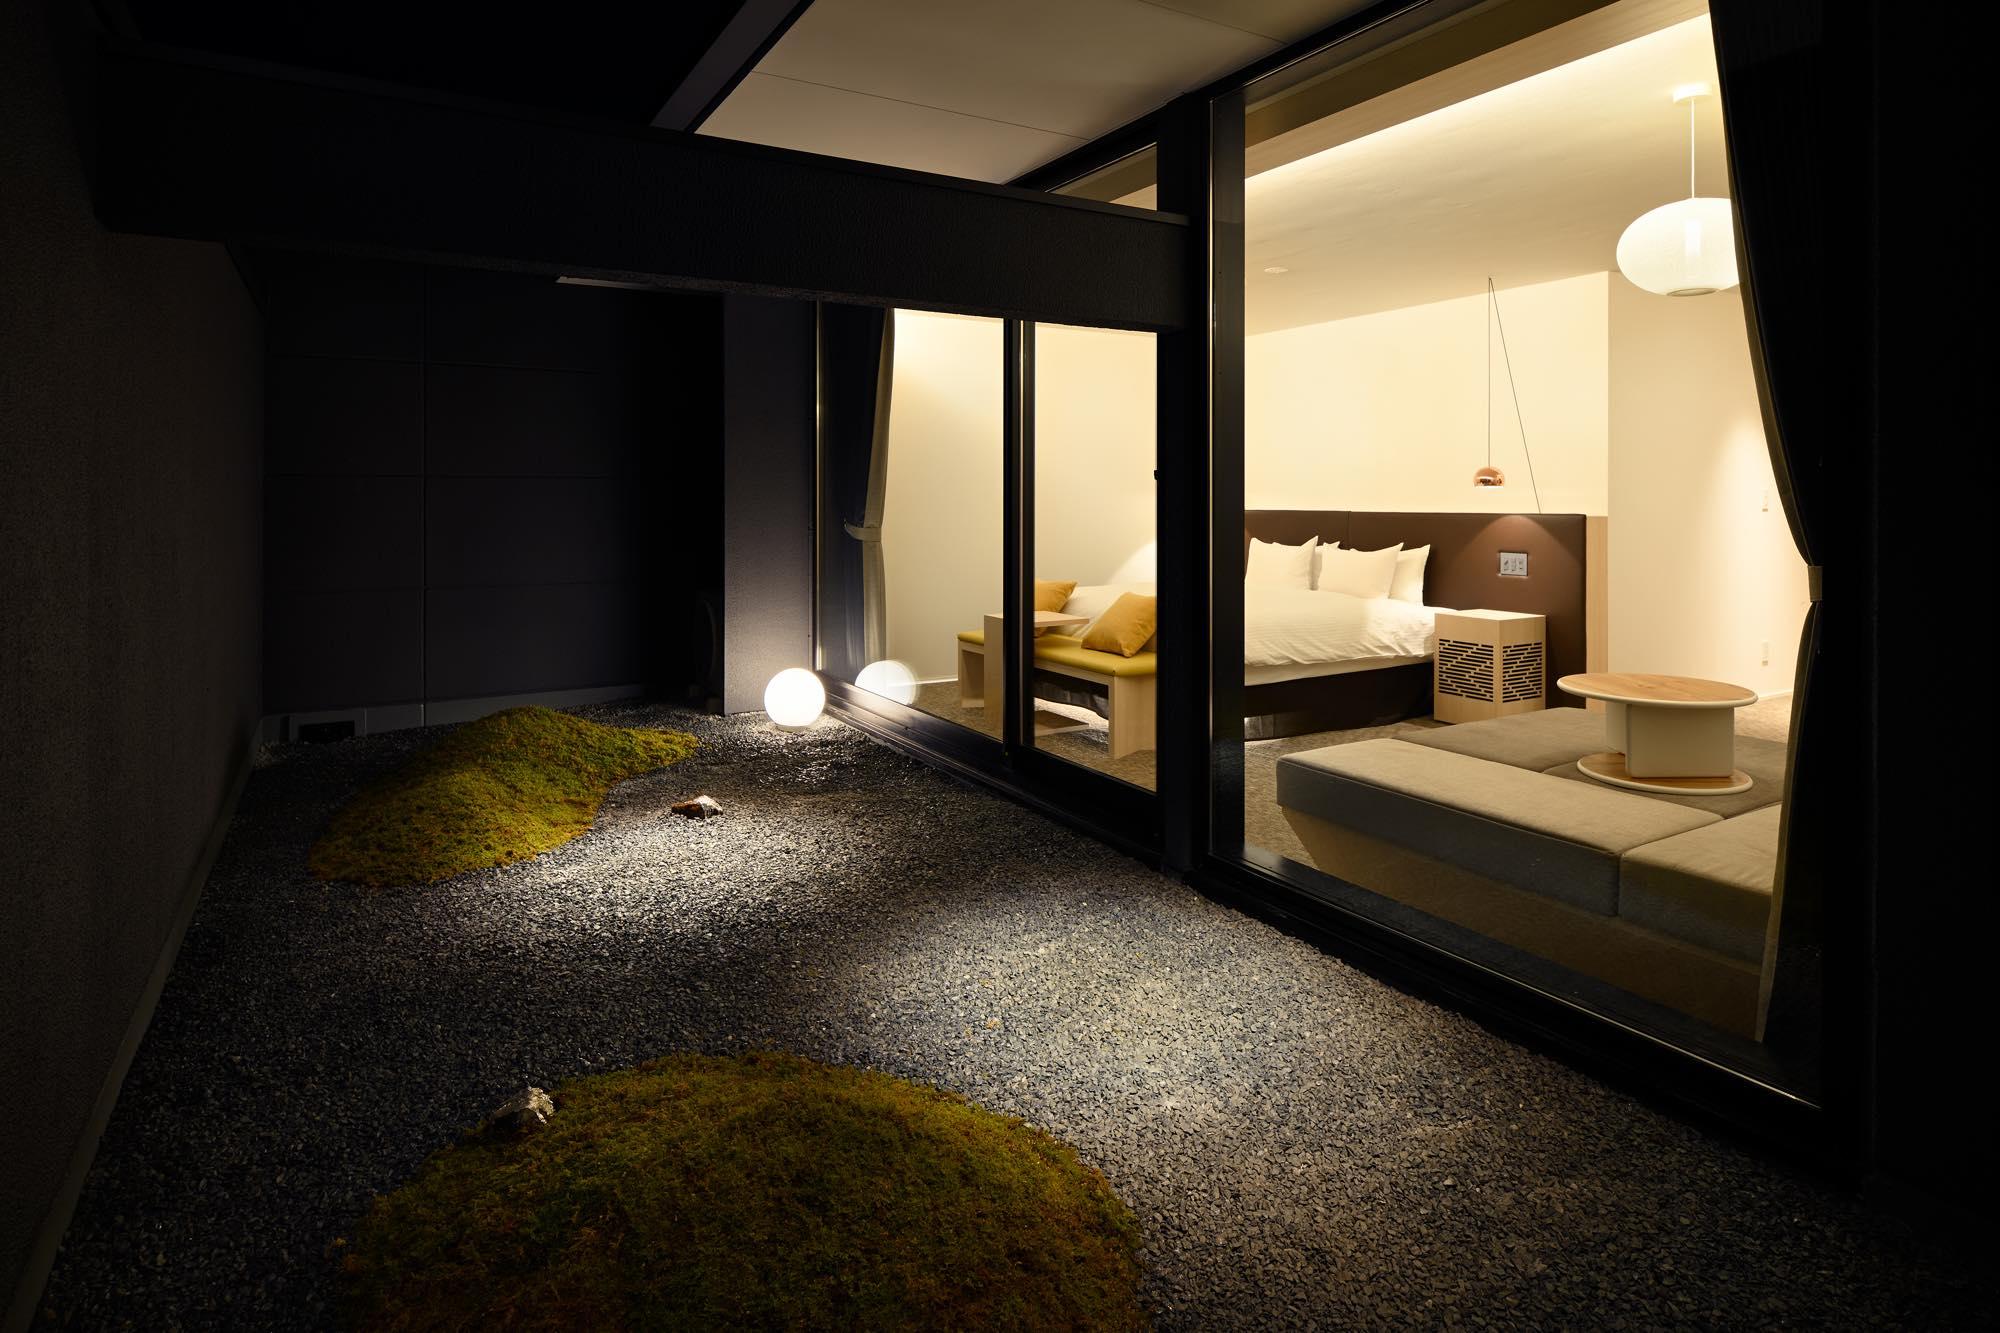 京都三十三間堂ホテル〜京都にふさわしいおもてなし空間